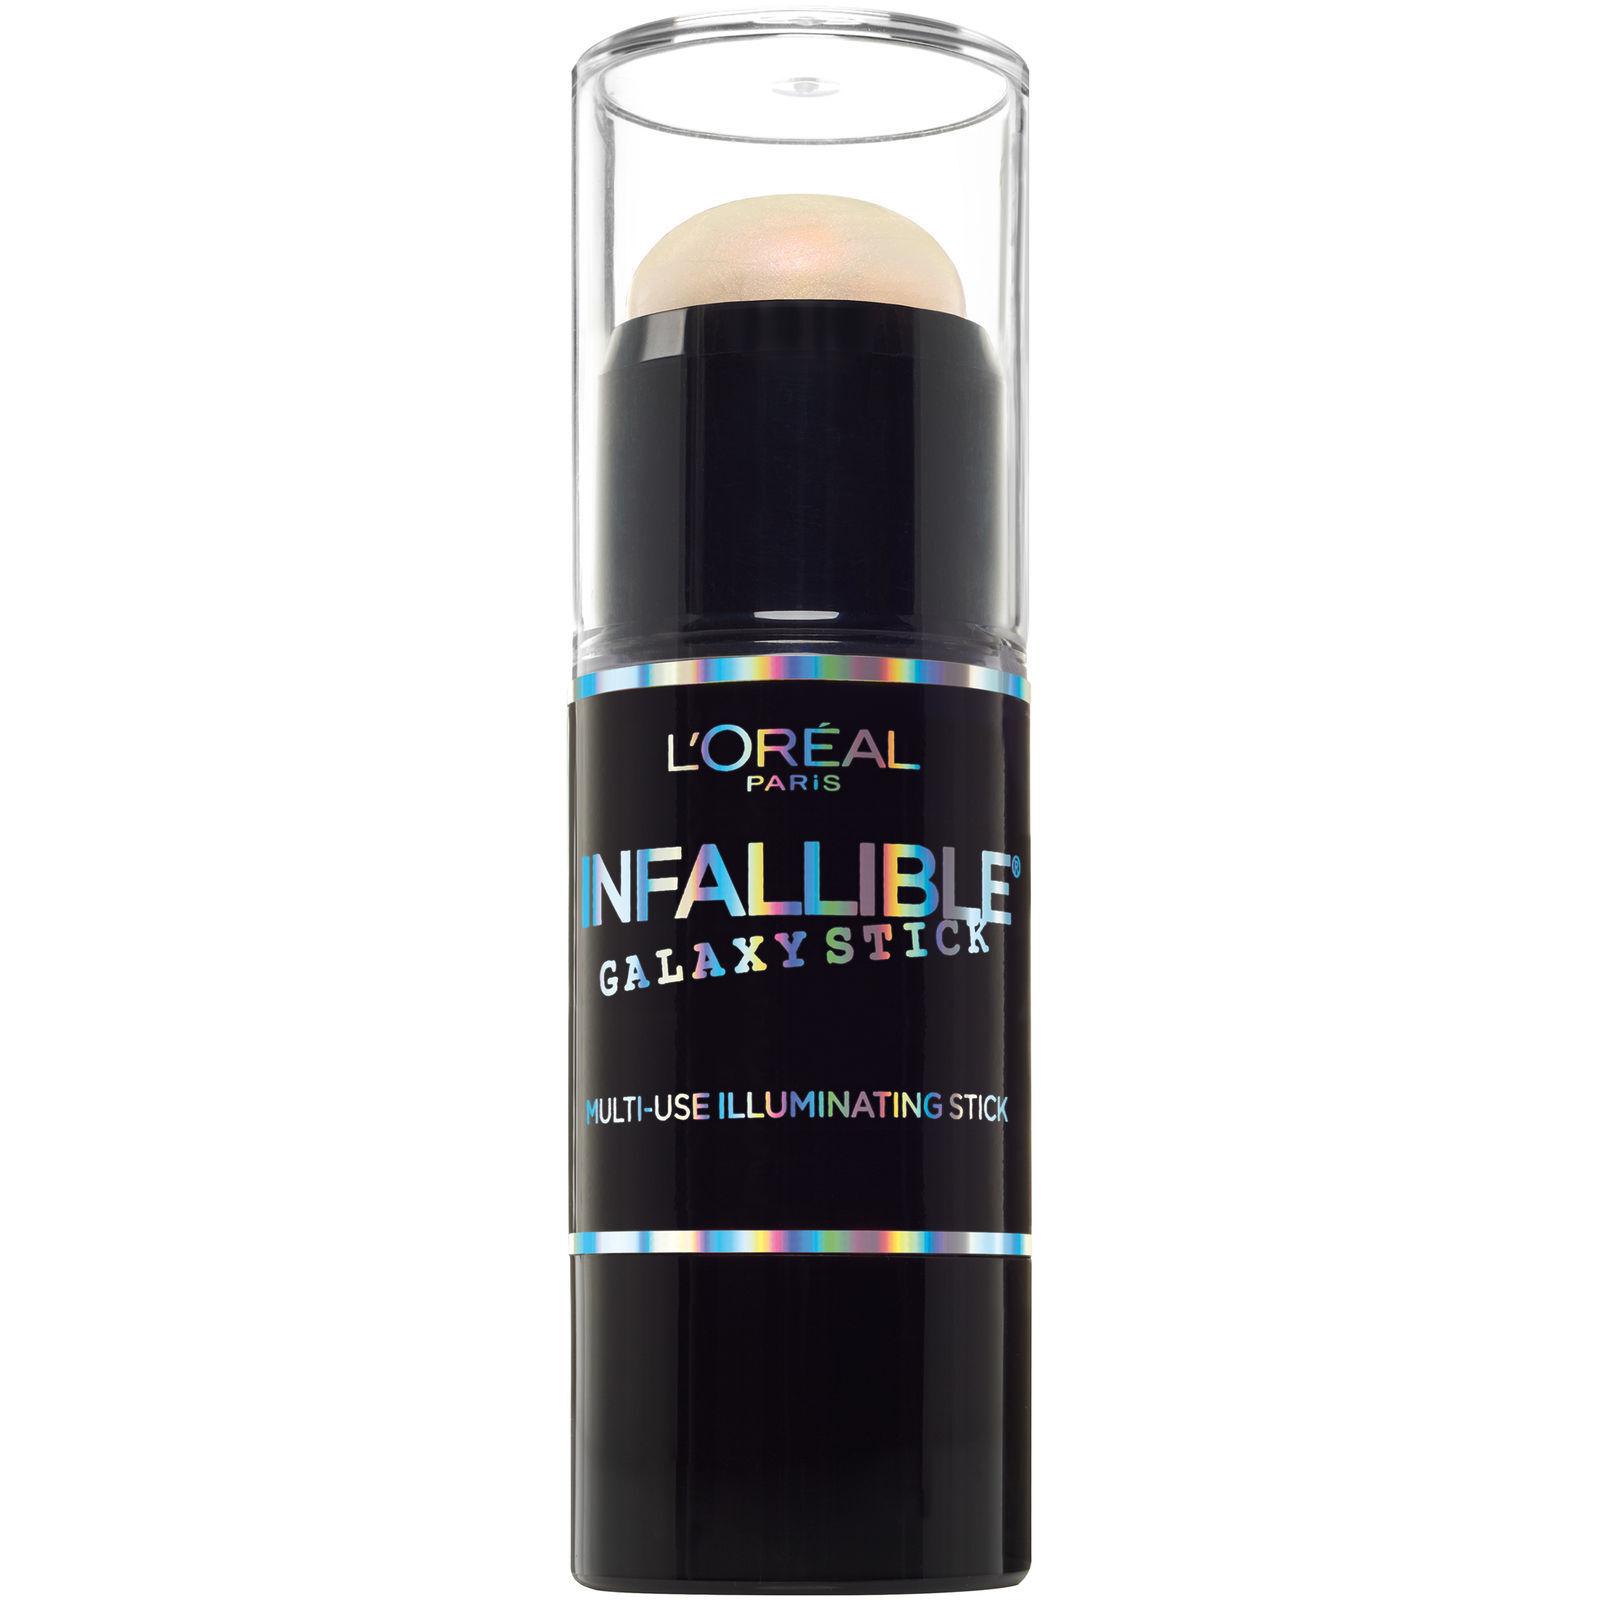 LOreal Paris Makeup Infallible Galaxy Pink Blue Highlighter